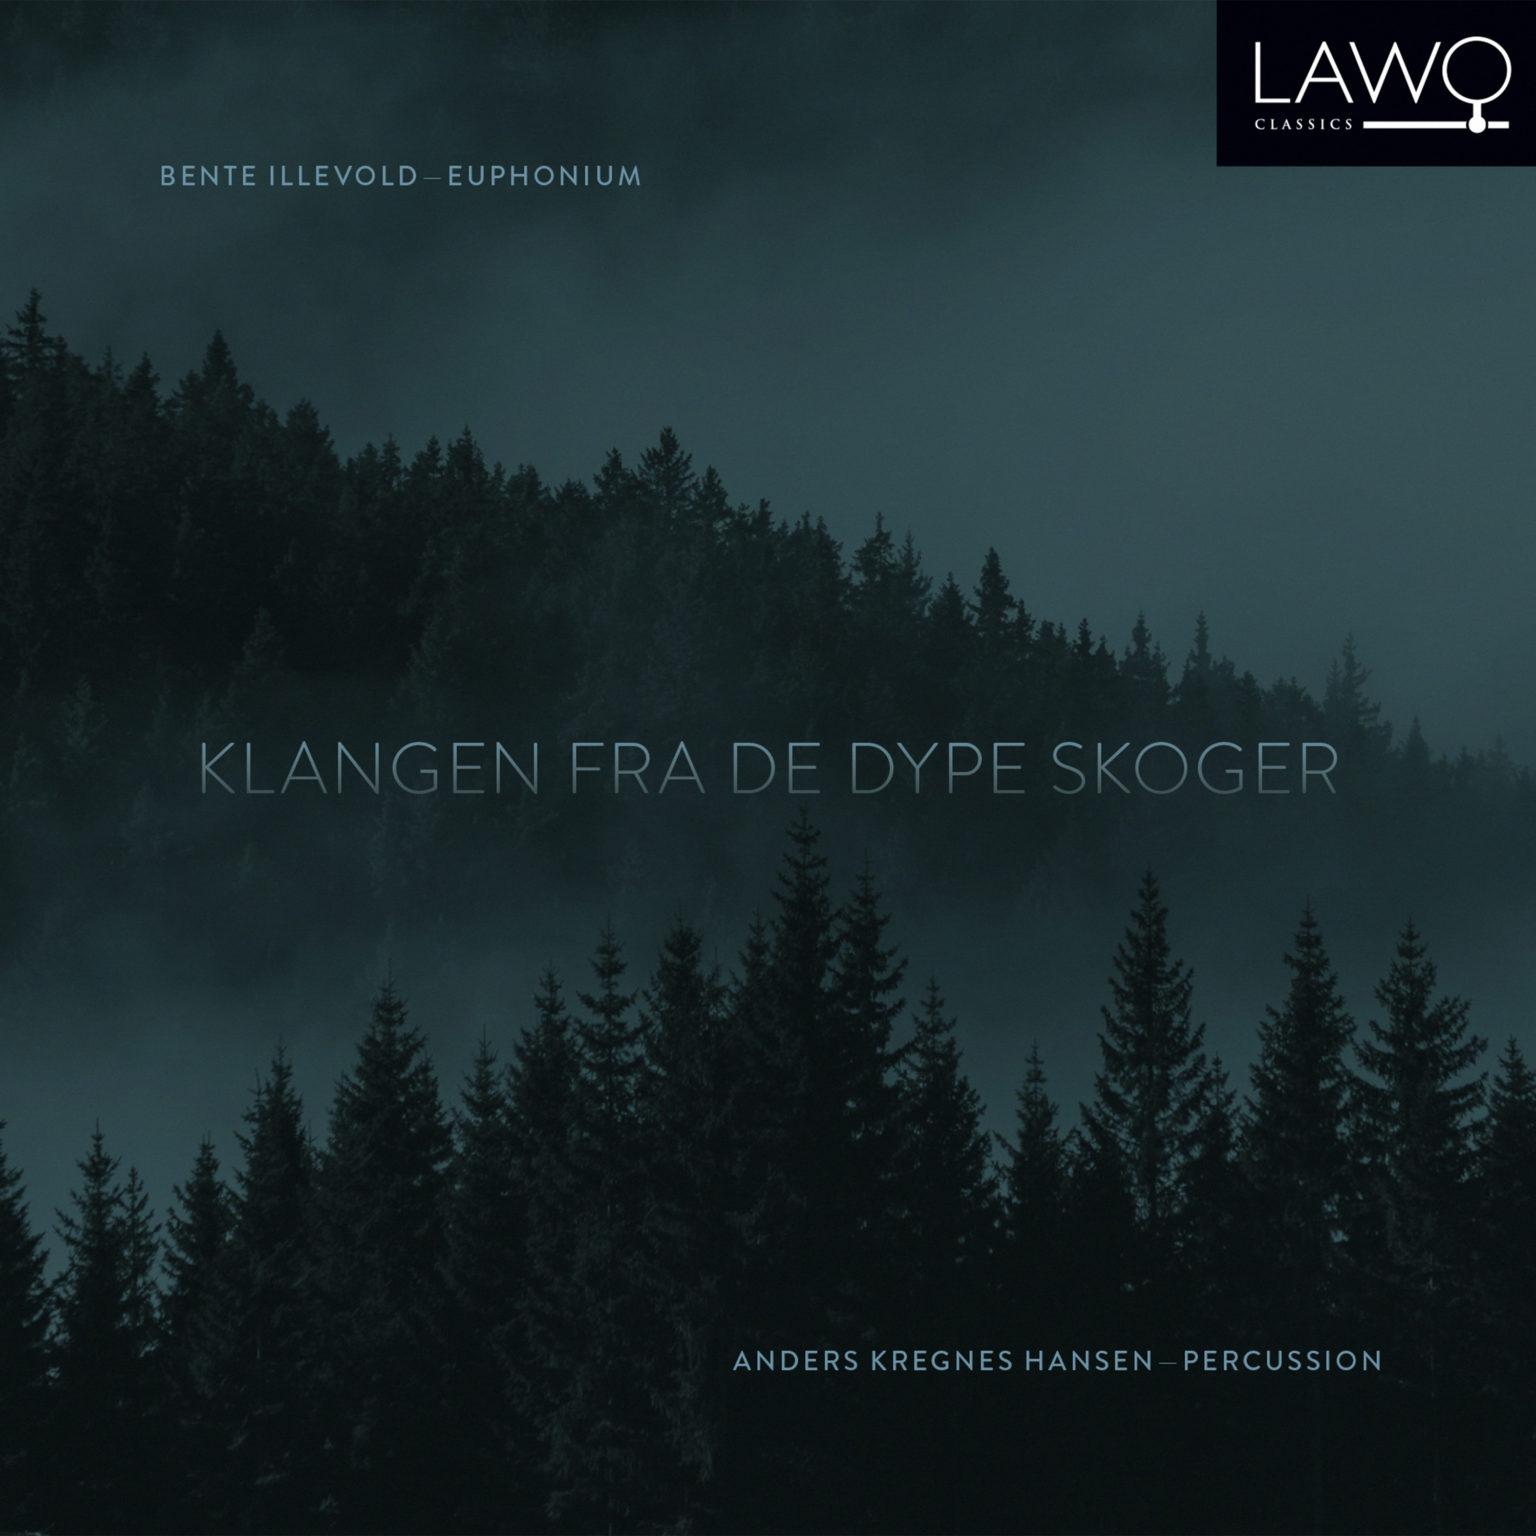 Click image for larger version.  Name:LWC1195_Bente_Illevold_Klangen_fra_de_dype_skoger_cover_3000x3000px-1536x1536.jpg Views:534 Size:174.8 KB ID:7720